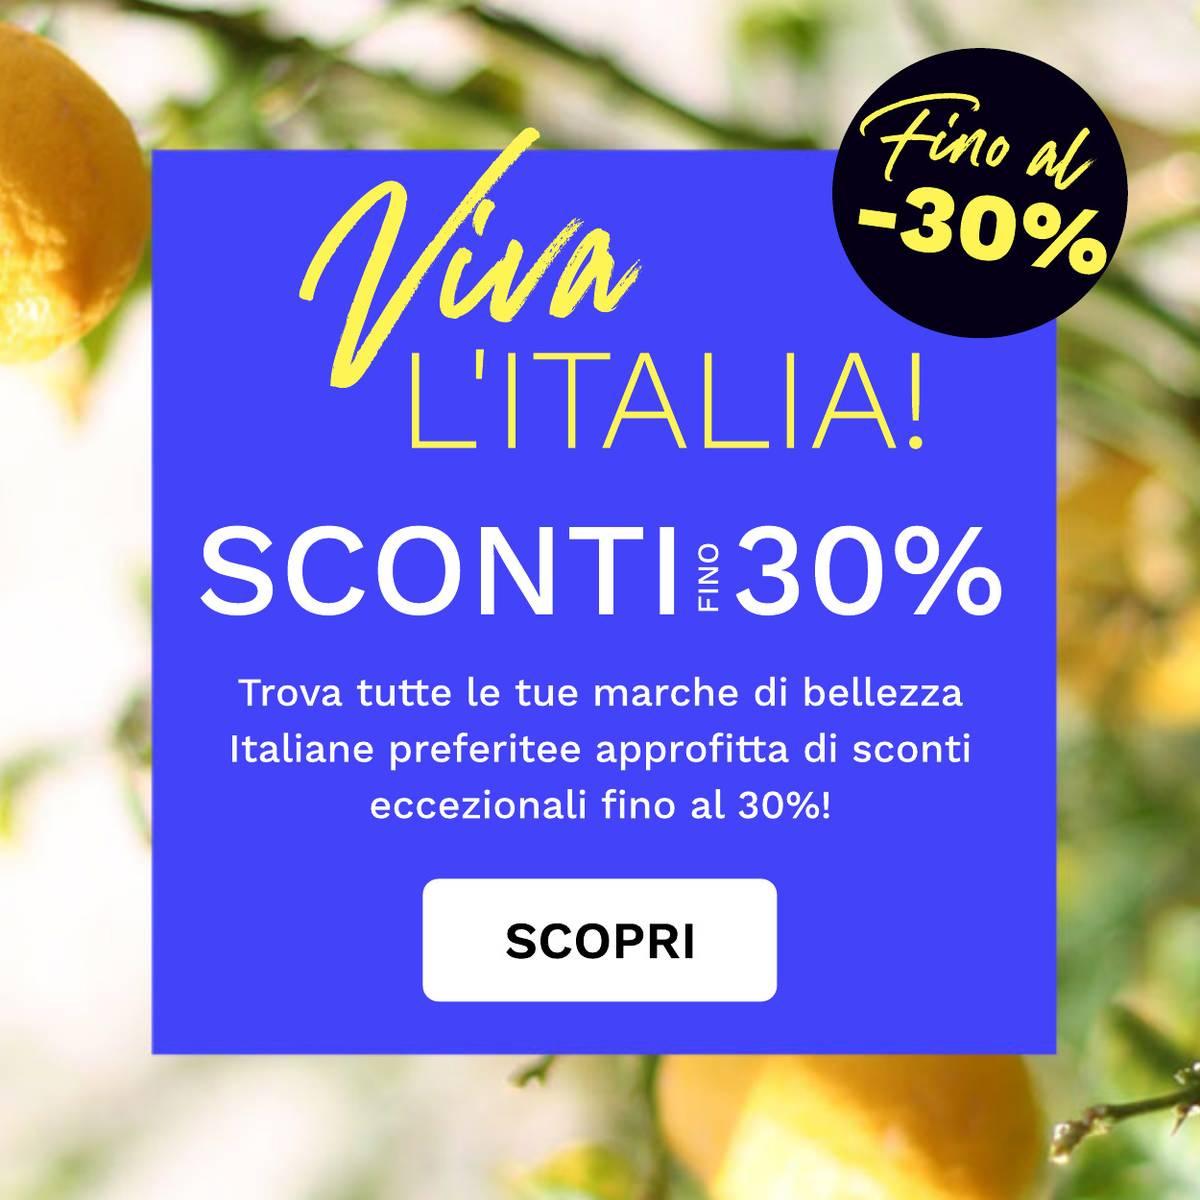 Fino al -30% di sconto sulle marche Italiane